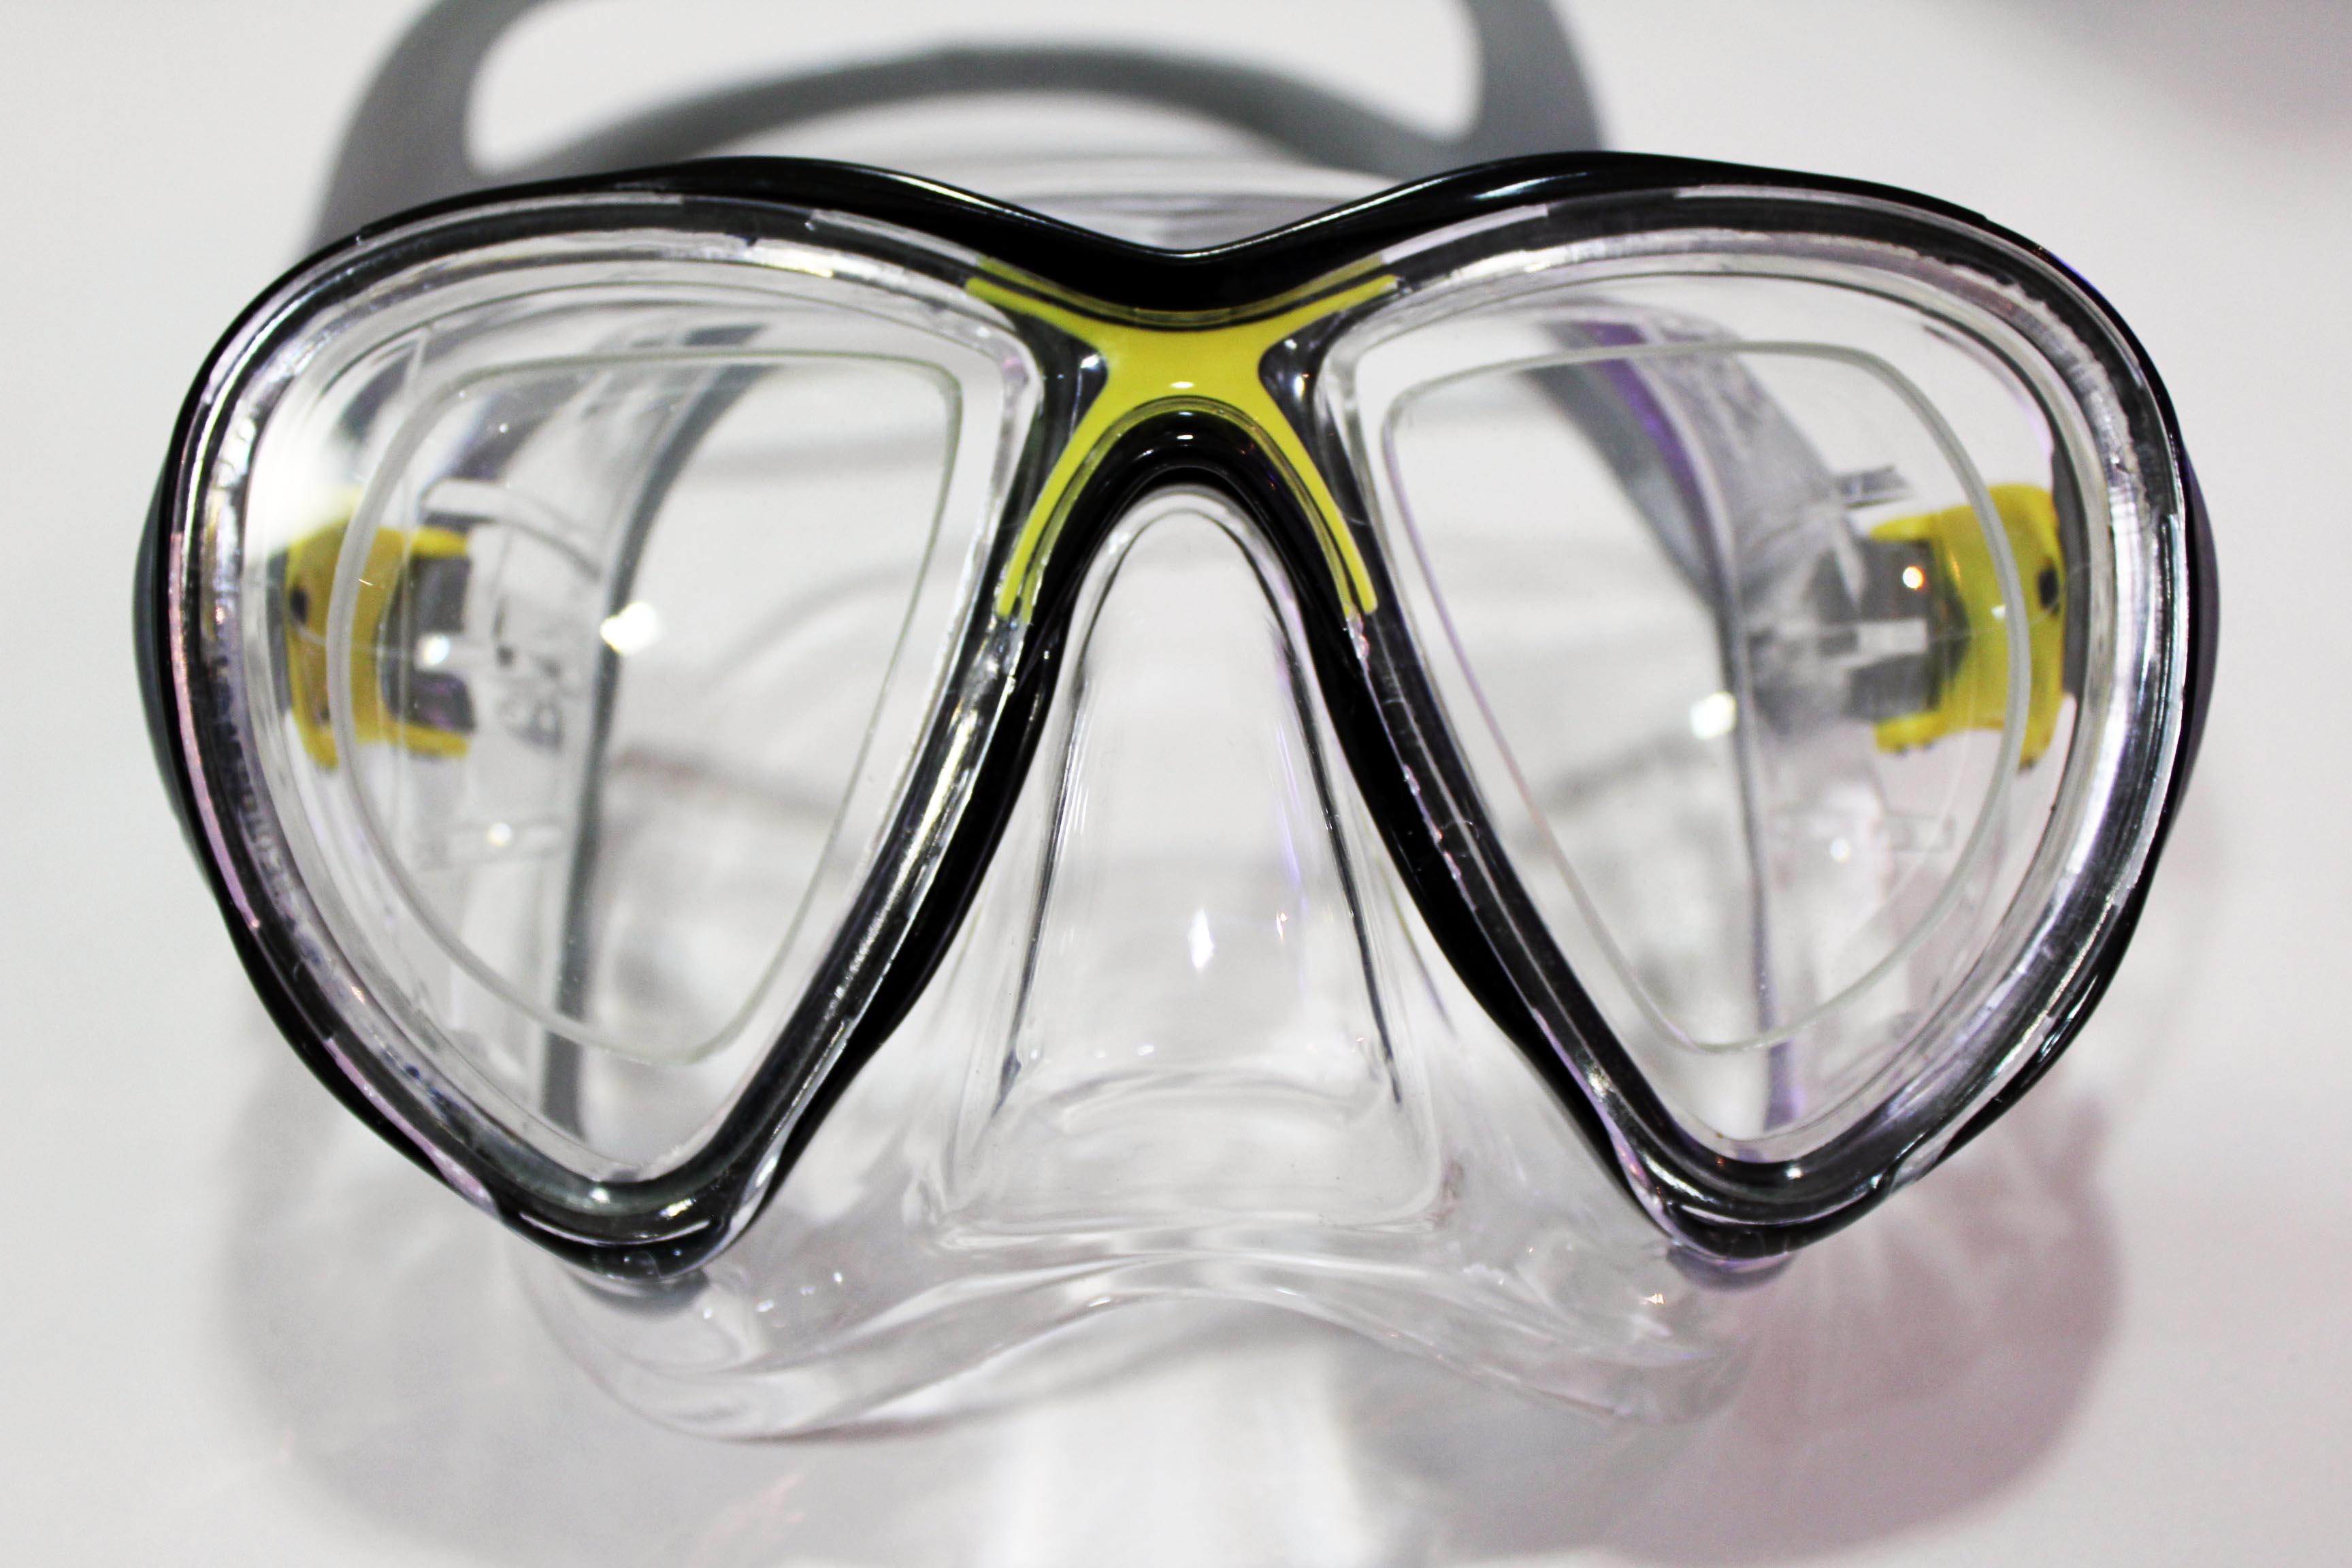 bcd3aad17ff1f Colocação de Grau em Máscara. Você pode mergulhar com o mesmo conforto que tem  usando seus óculos ou suas lentes de contato!